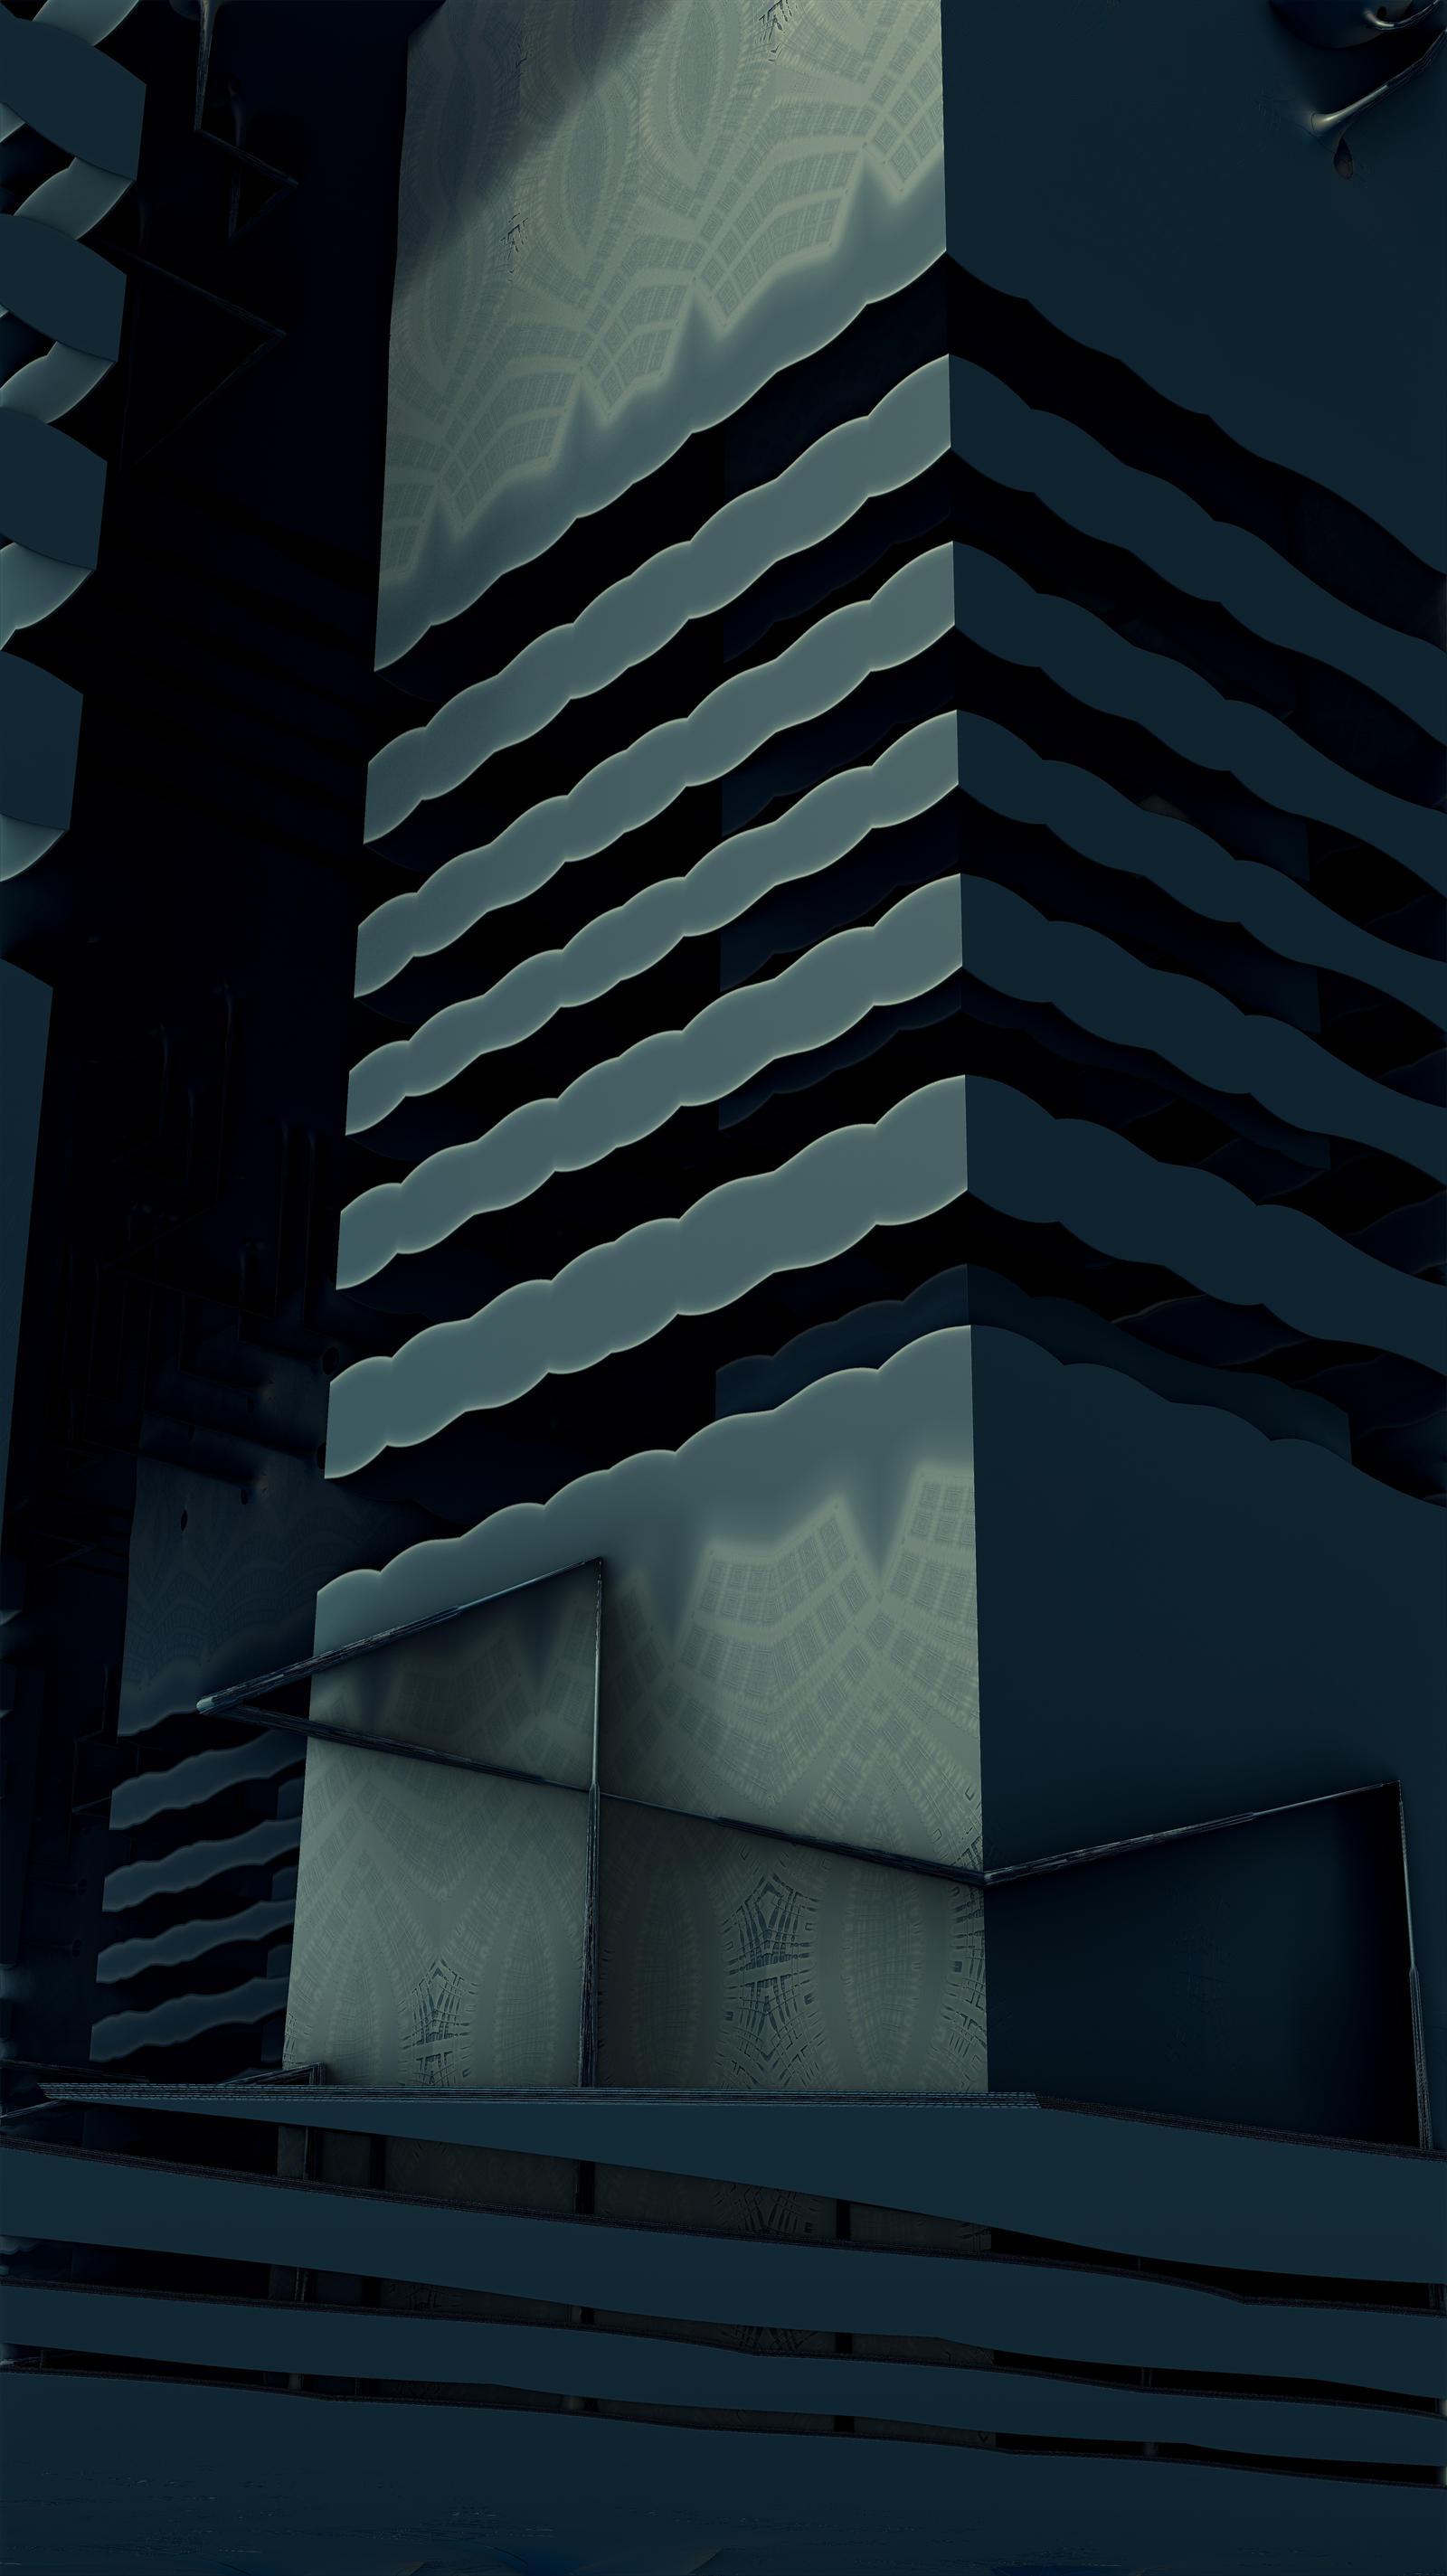 Rascacielos Interplanar II by Jakeukalane